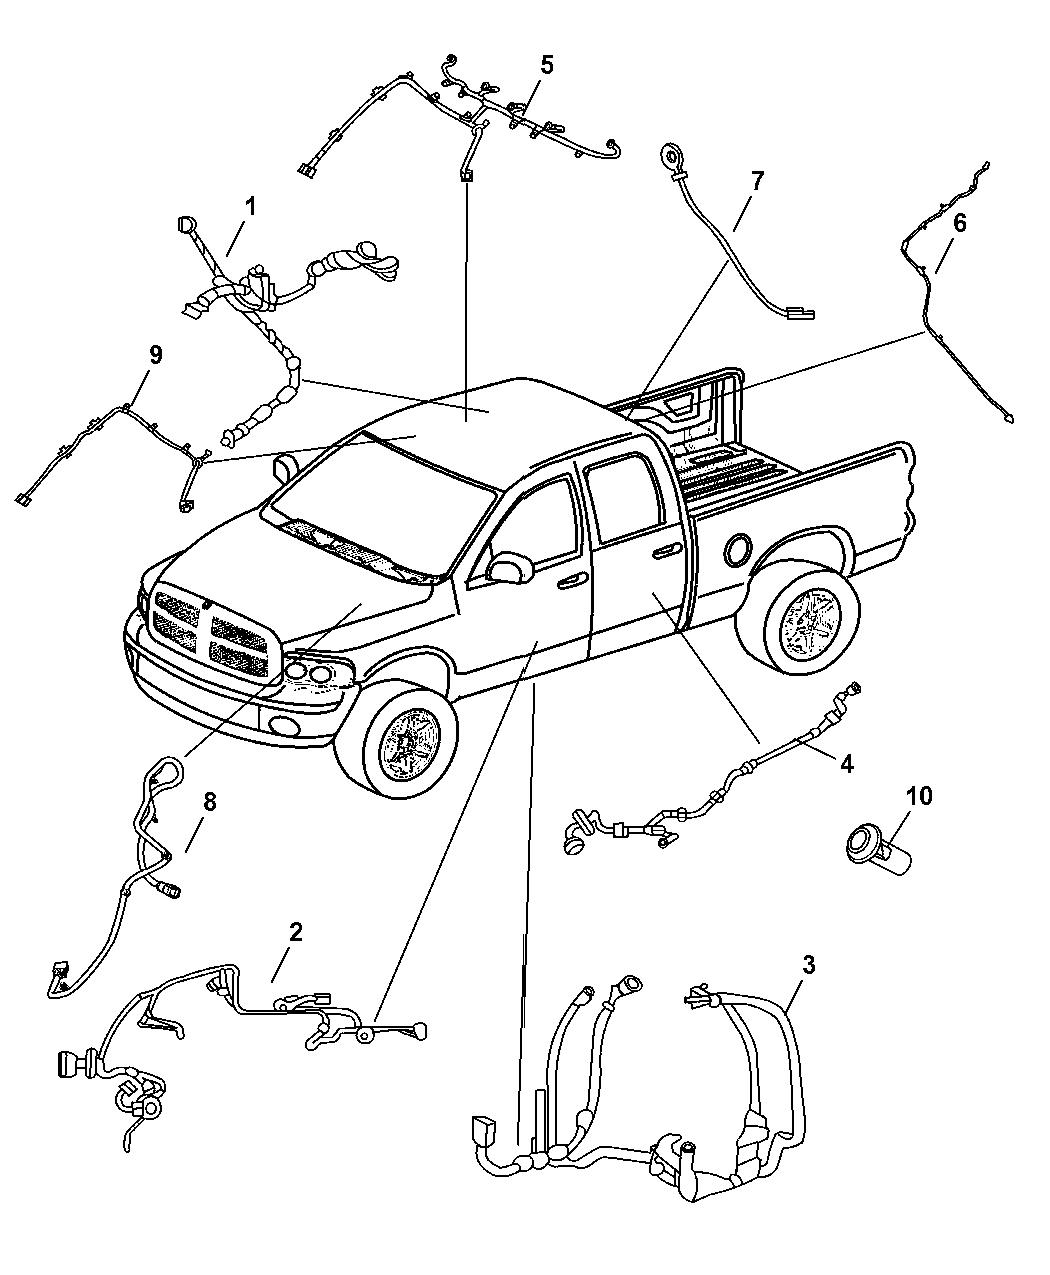 56051391AC - Genuine Dodge WIRING-BODY